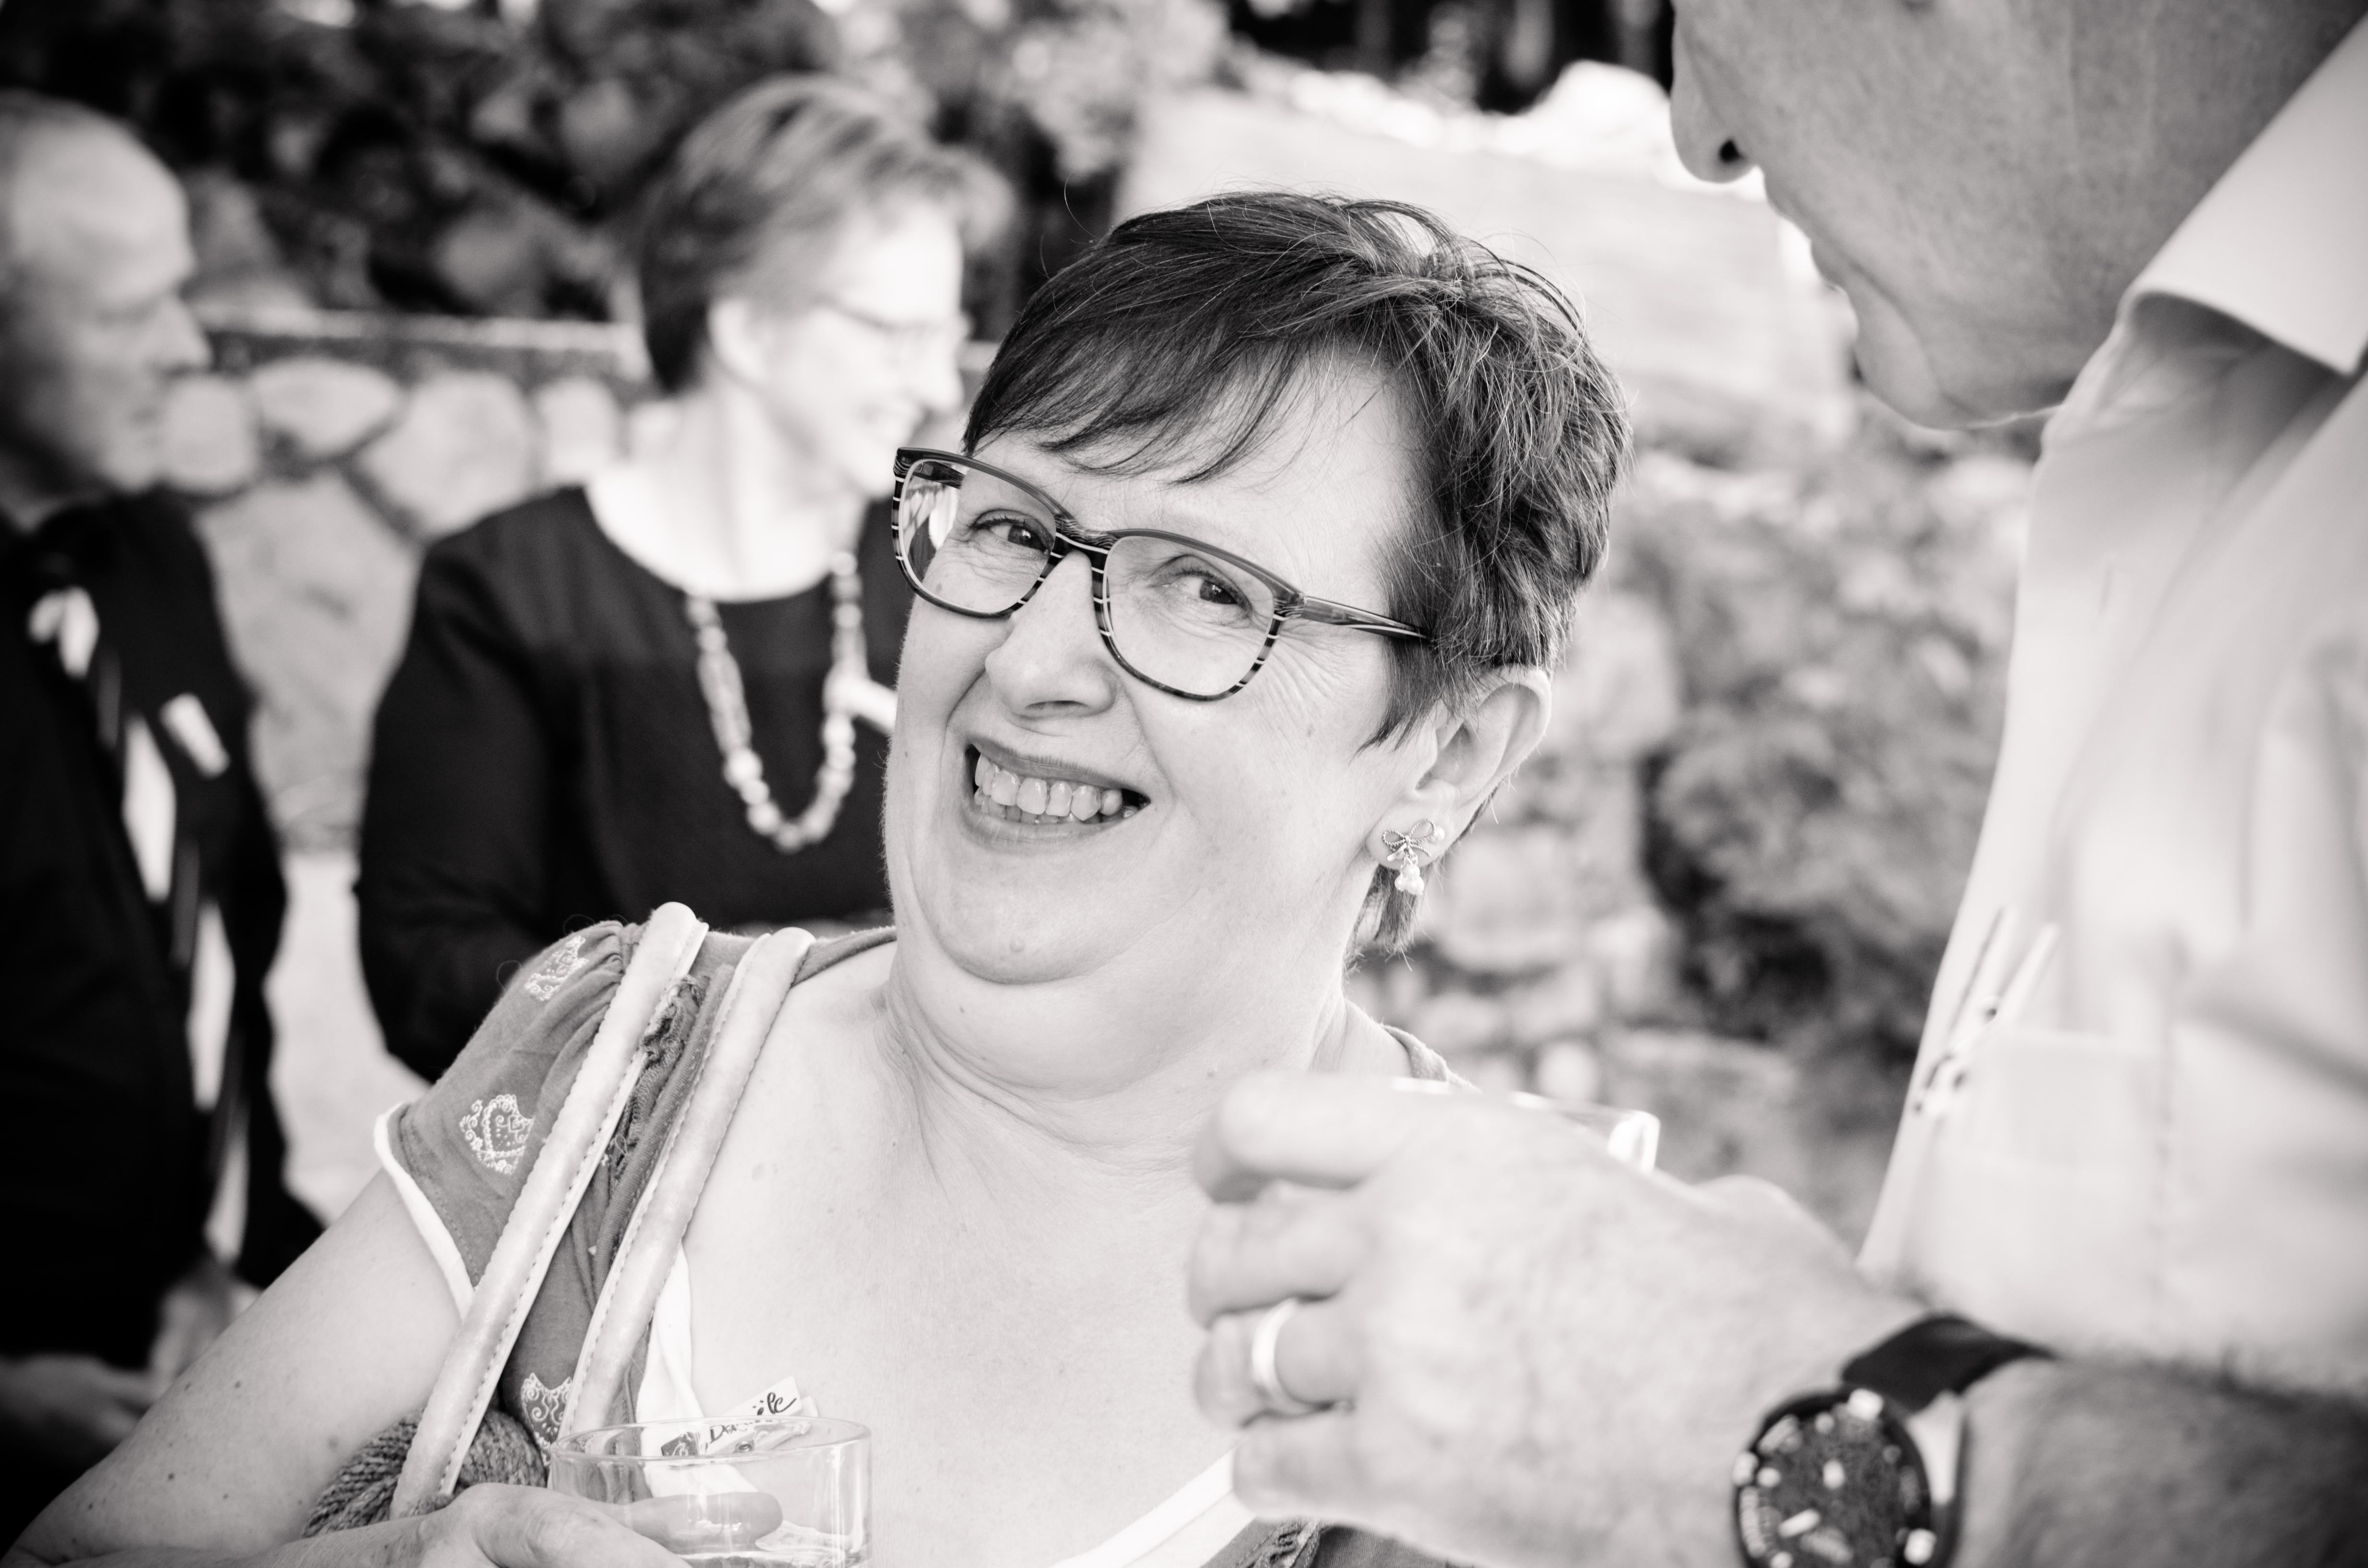 Hochzeitsfest_Sue und Stephan-131